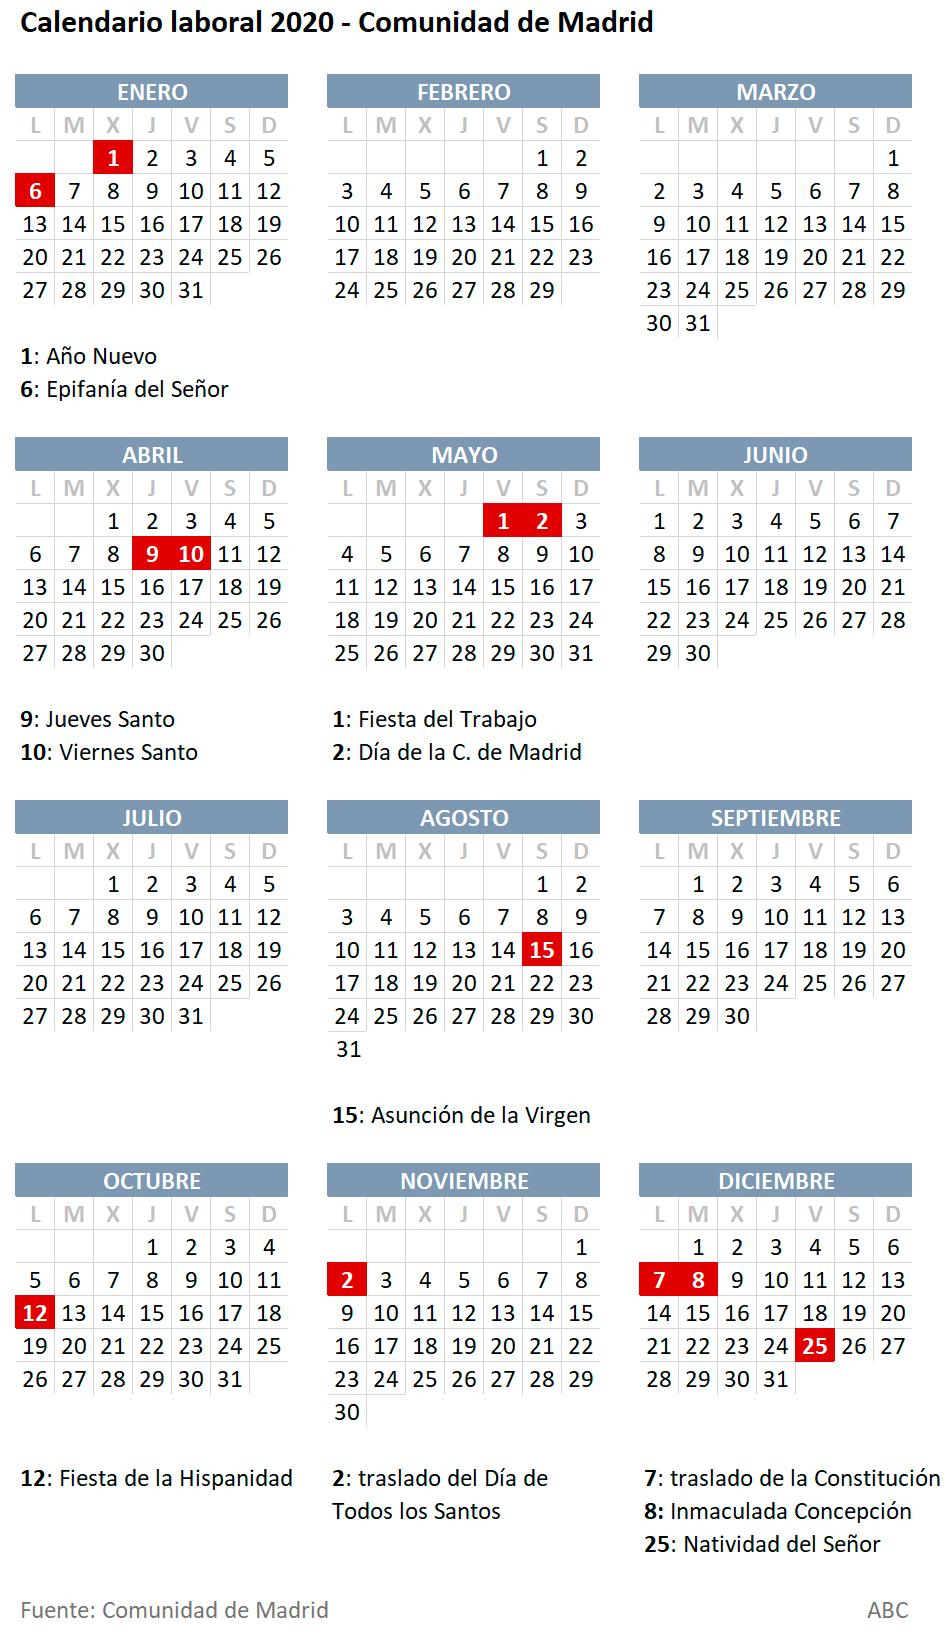 Ano 2020 Calendario.Calendario Laboral De La Comunidad De Madrid 2020